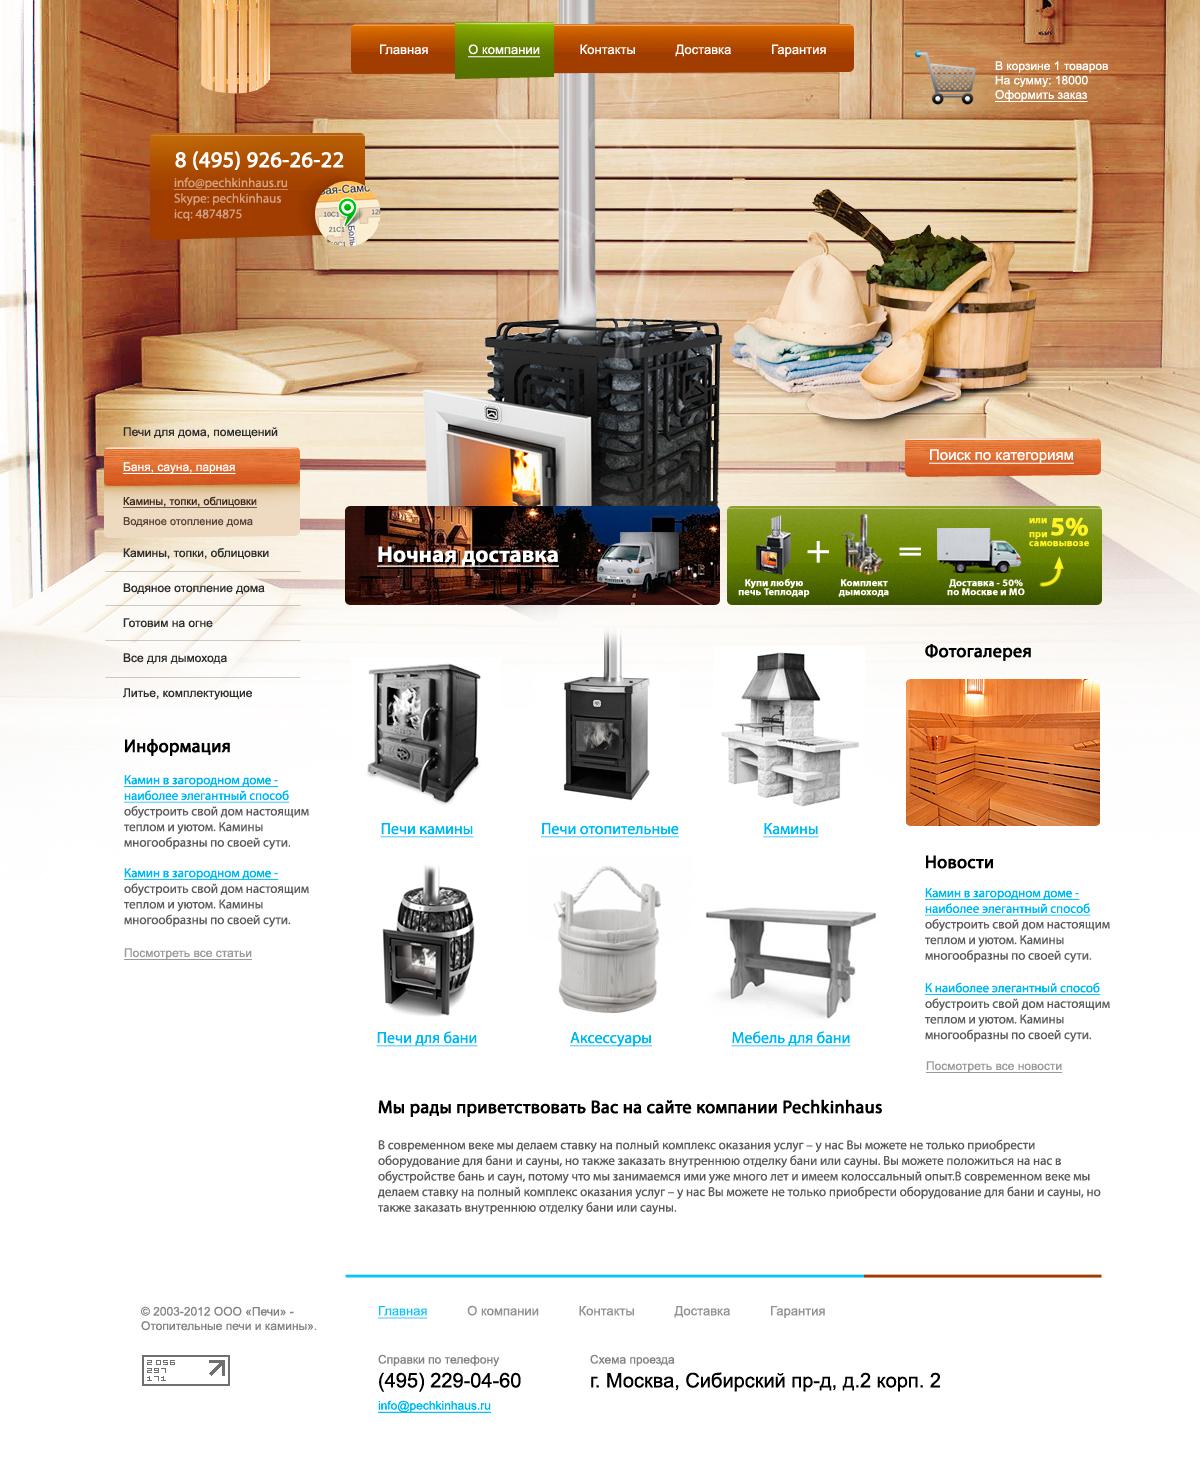 Pechkinhaus - интернет магазин банных принадлежностей